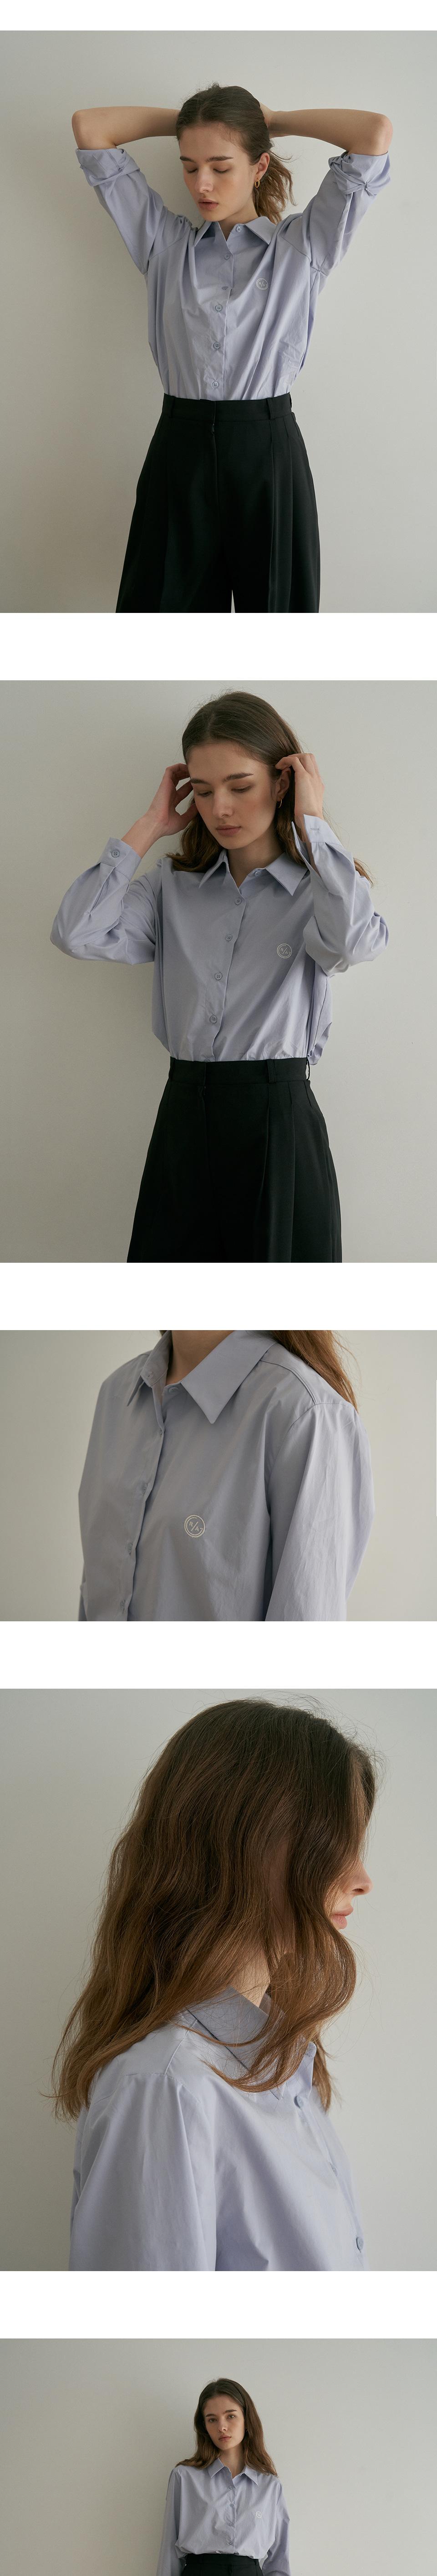 유라고(URAGO) 로고 클래식 셔츠v2